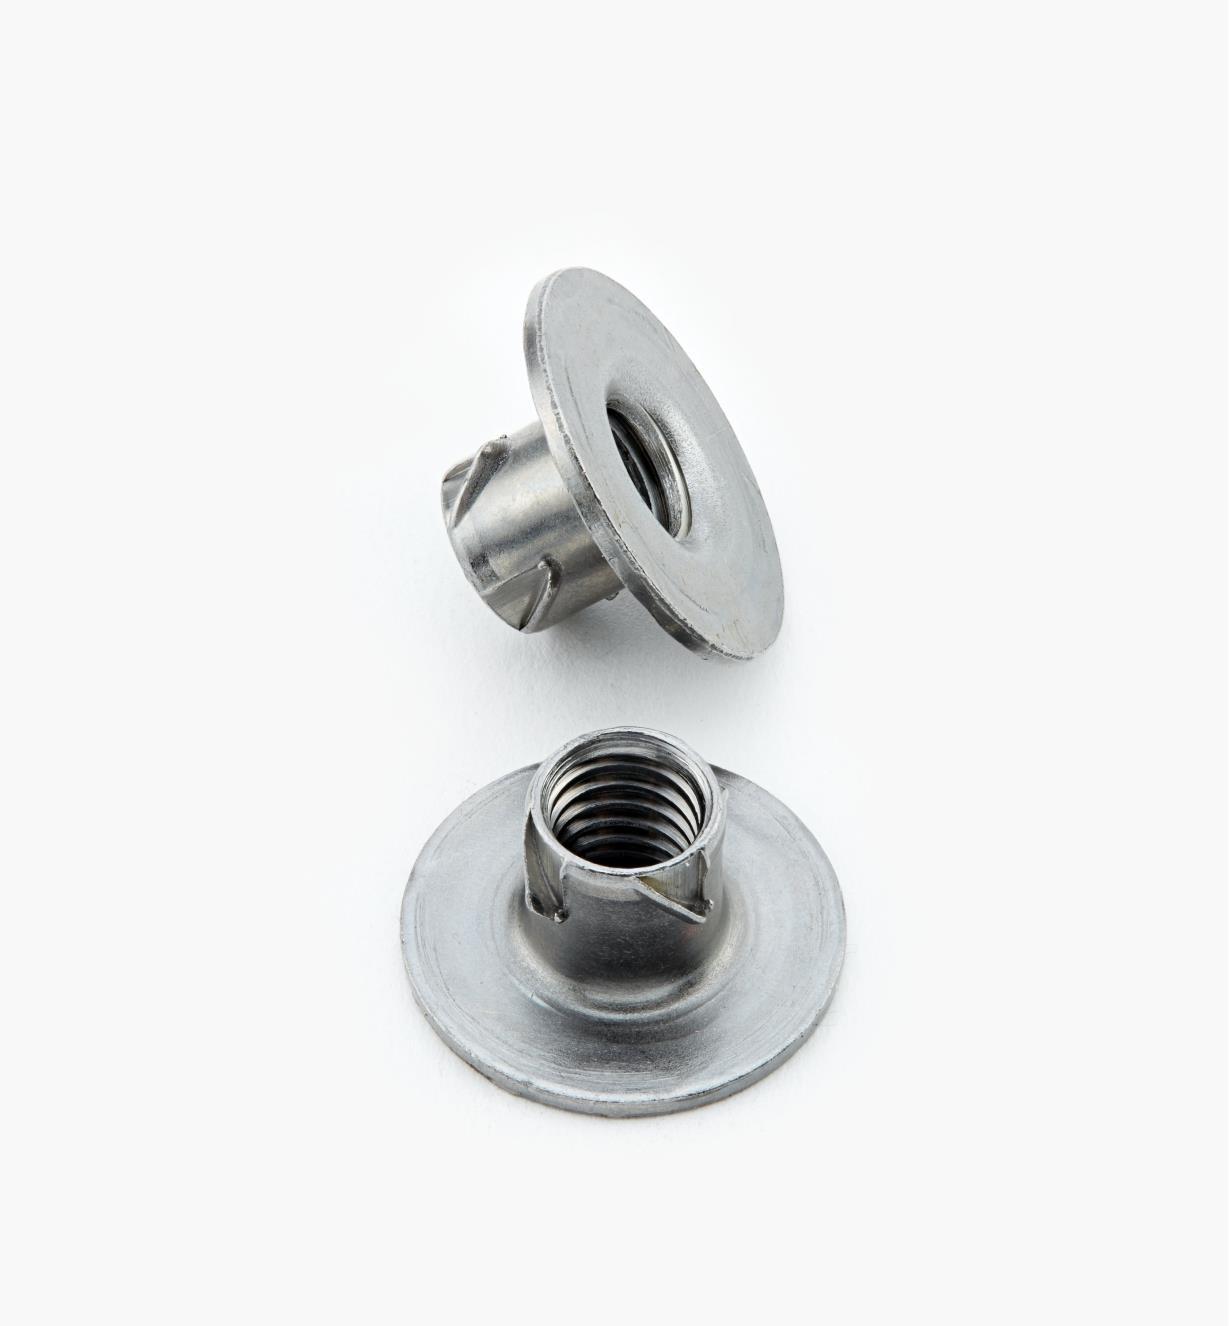 00N2302 - Propell Nuts, pkg. of 10